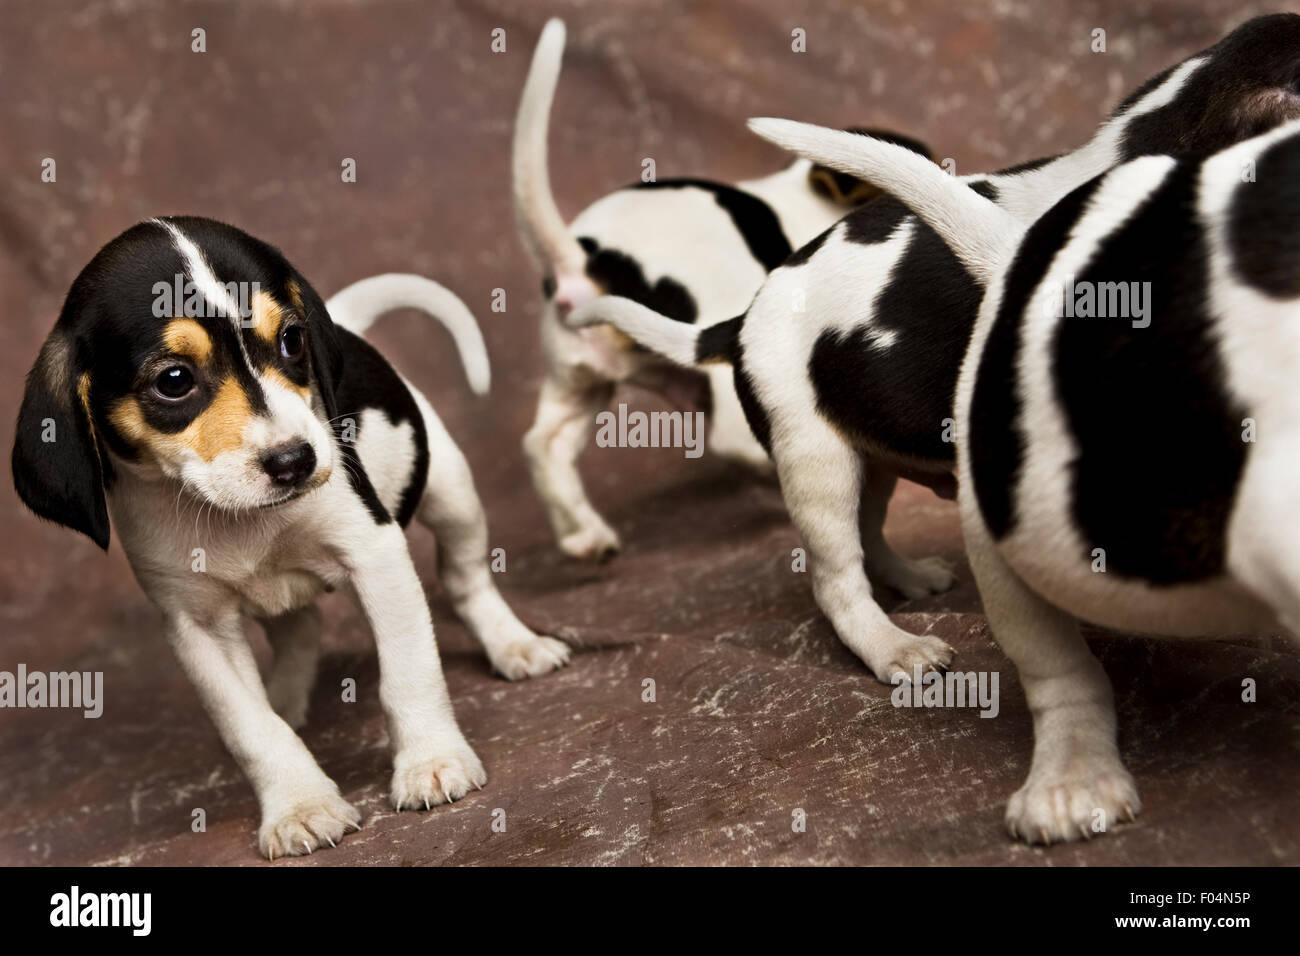 Quattro per il nero e il bianco cuccioli di Beagle a camminare su sfondo marrone in studio di impostazione Immagini Stock